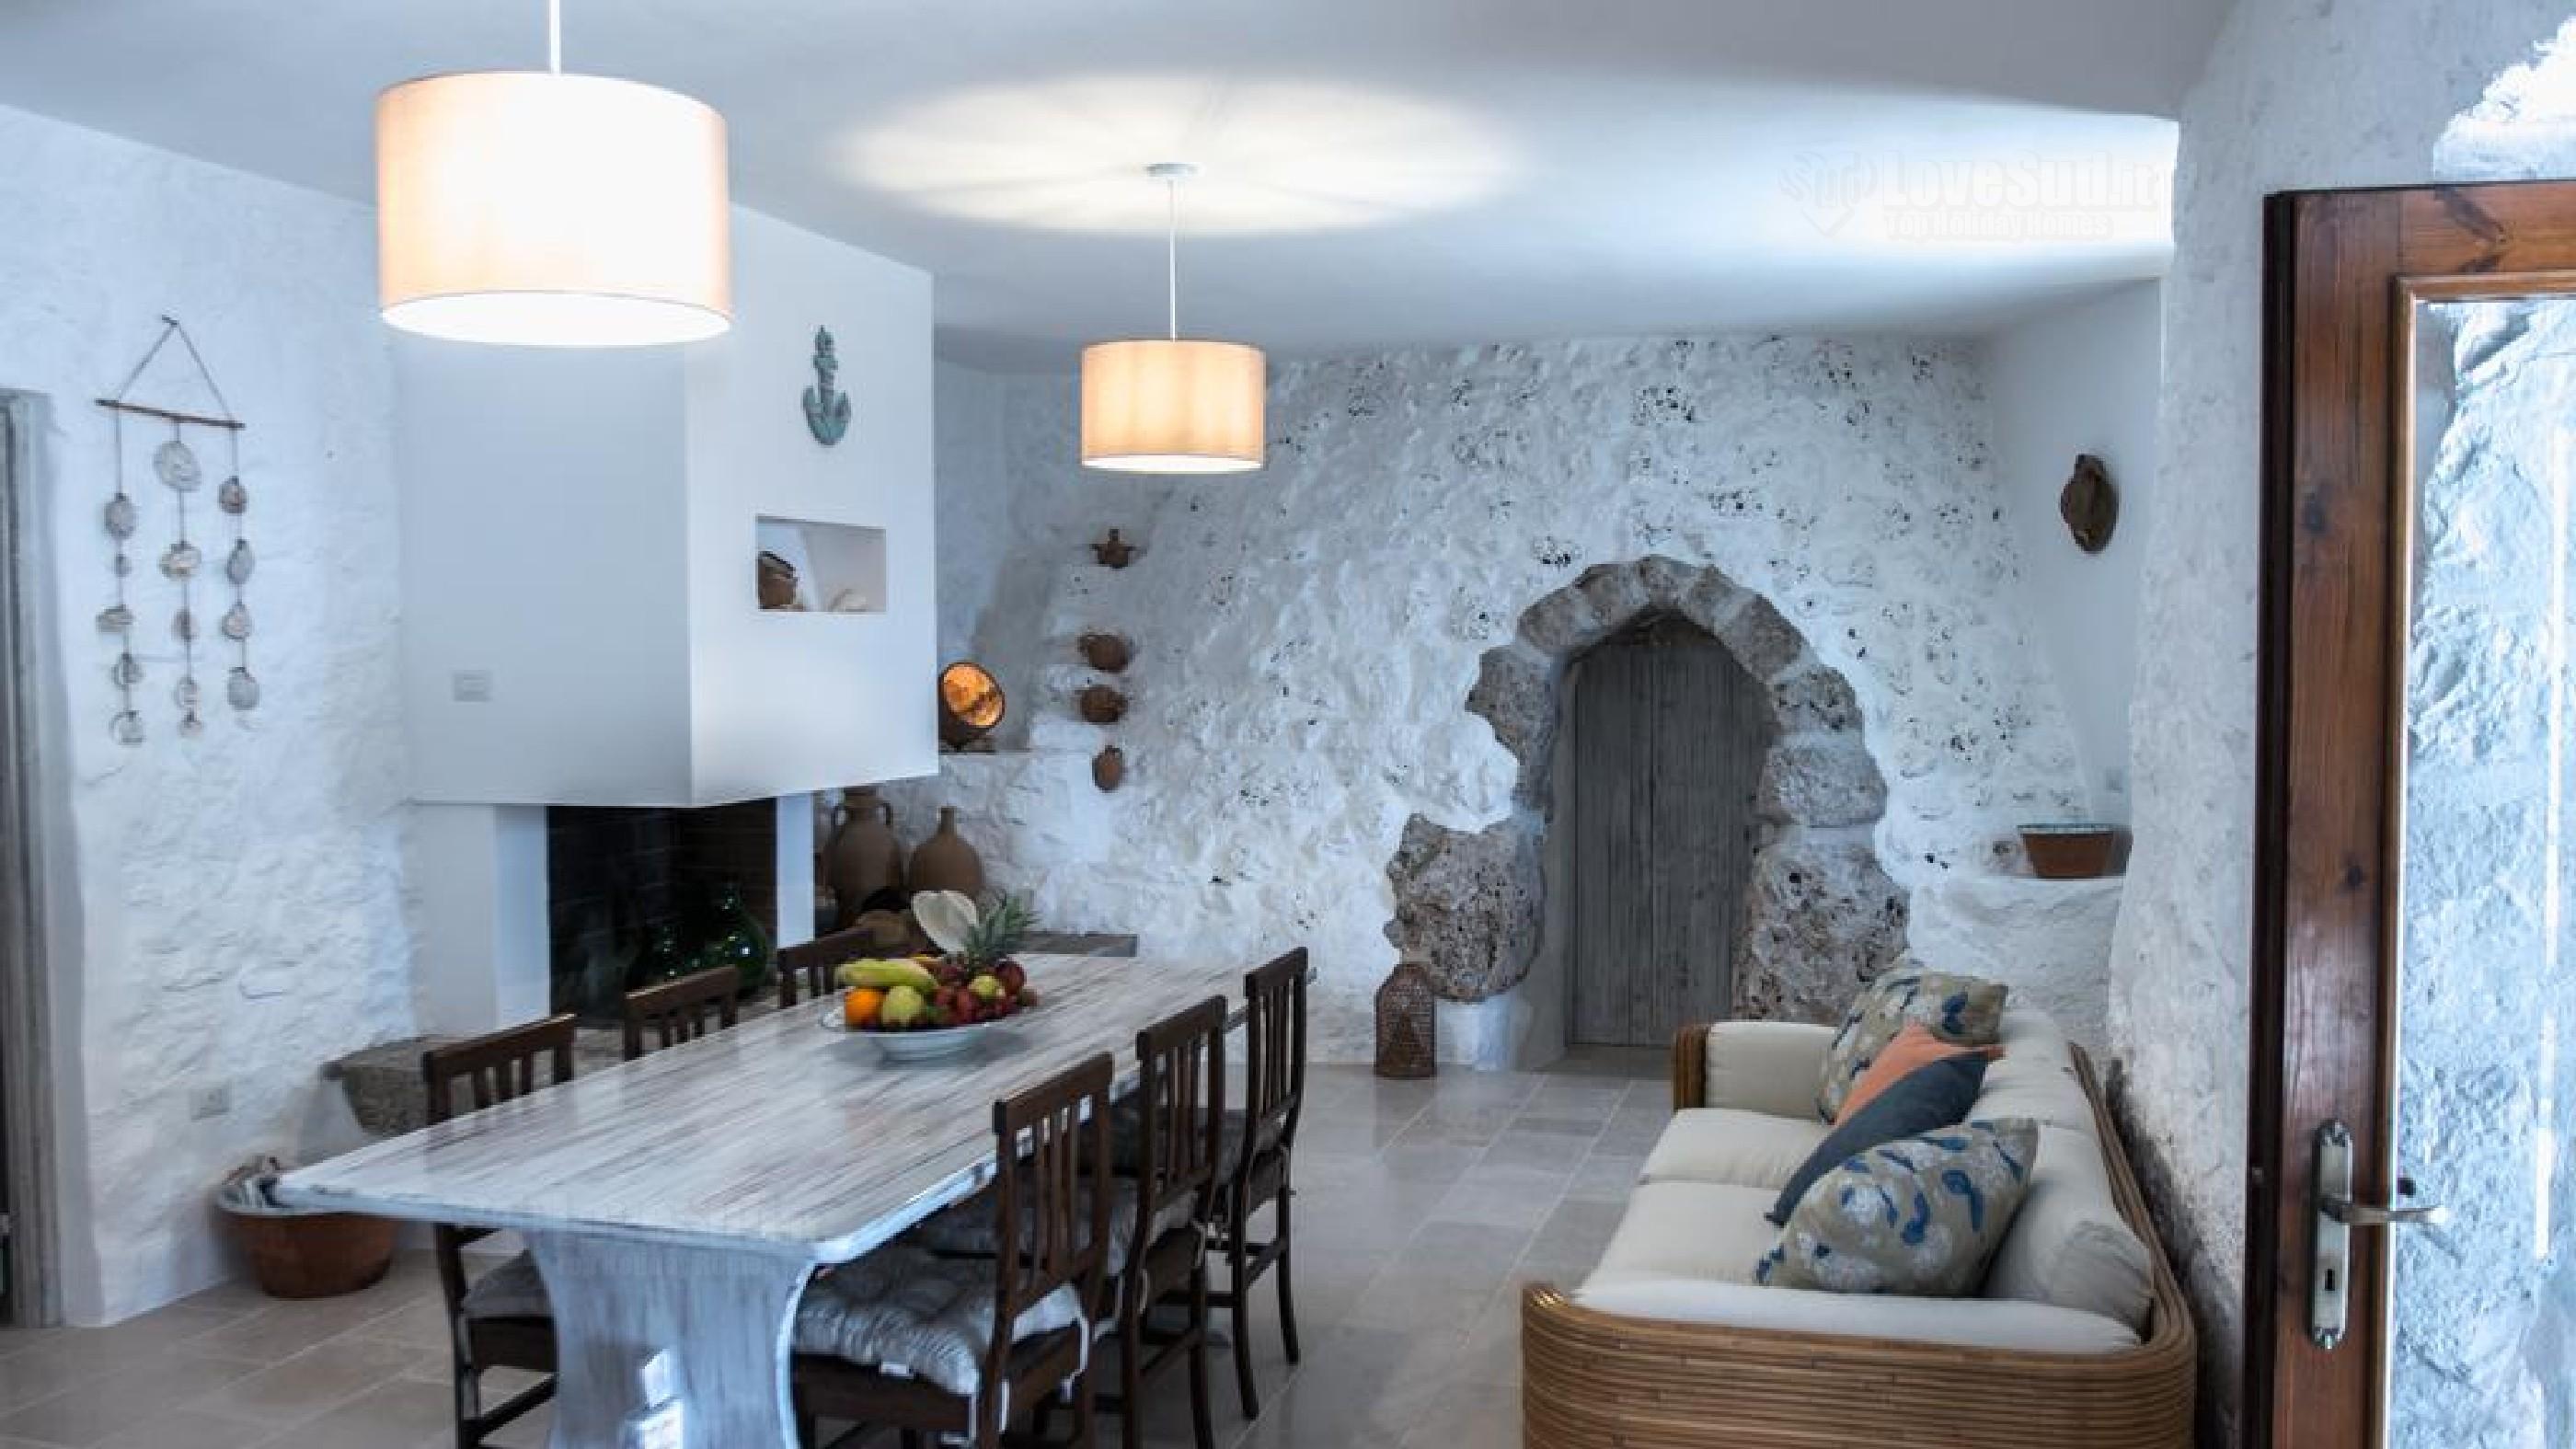 Apartment Albachiara pool house photo 22173075